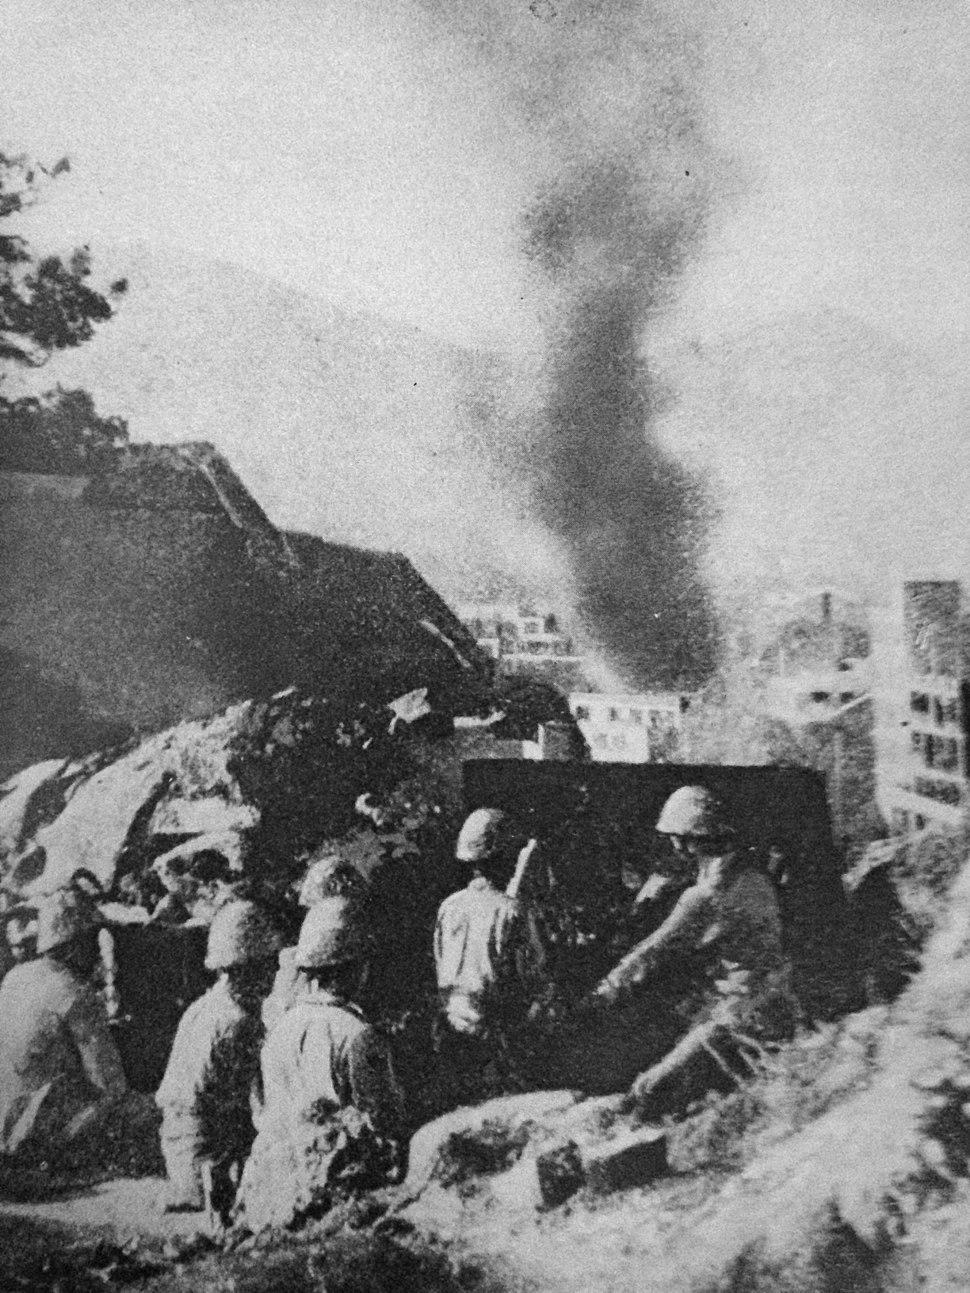 Japanese Artillery Firing at Hong Kong, WWII